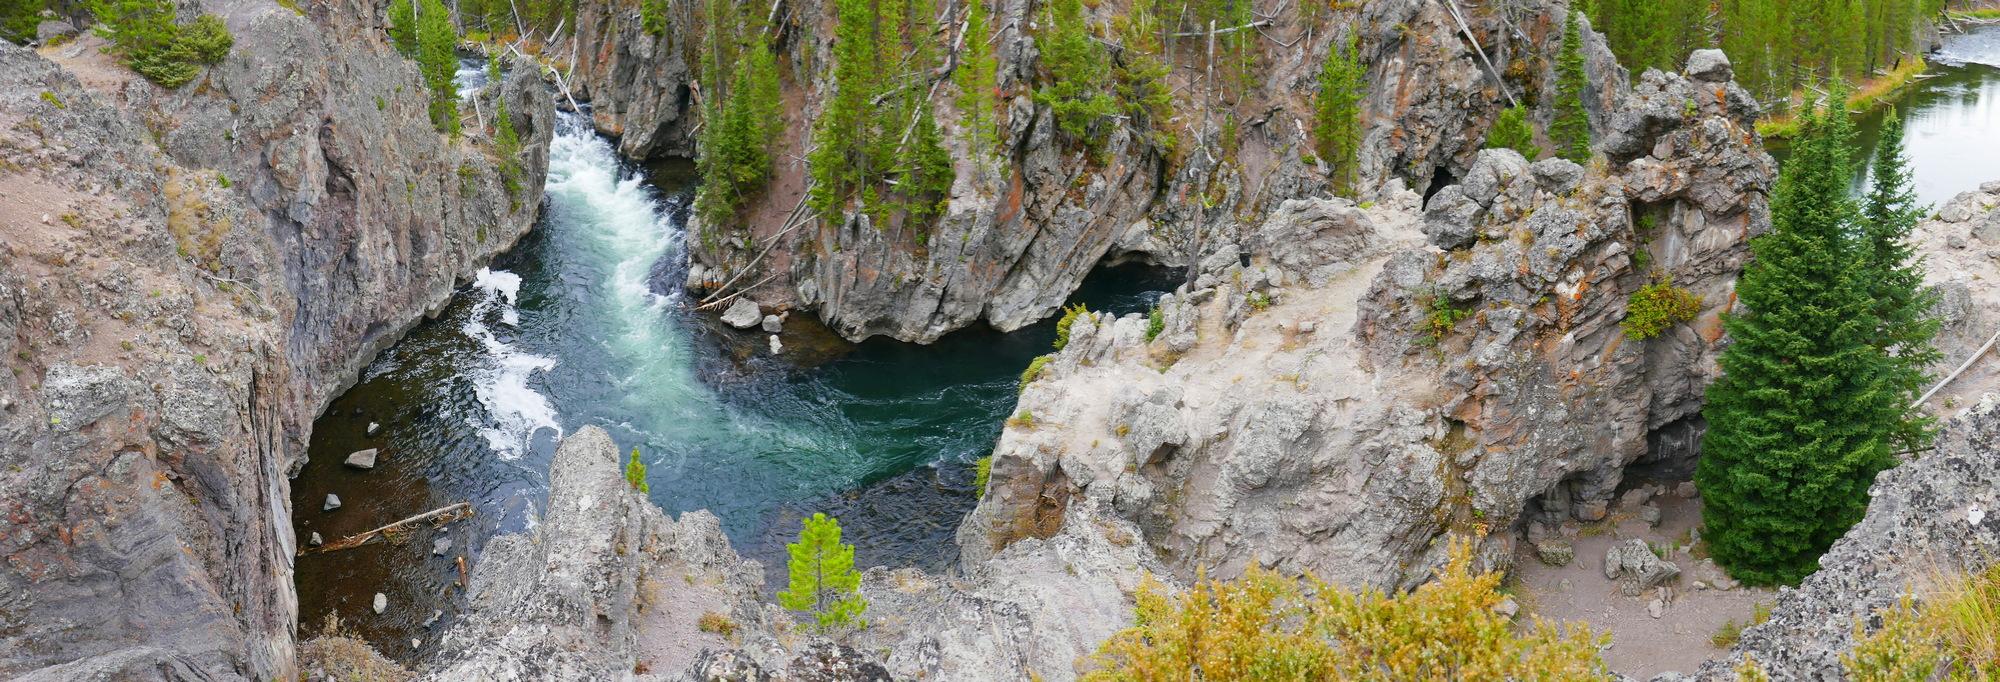 Pano Rivière du parc